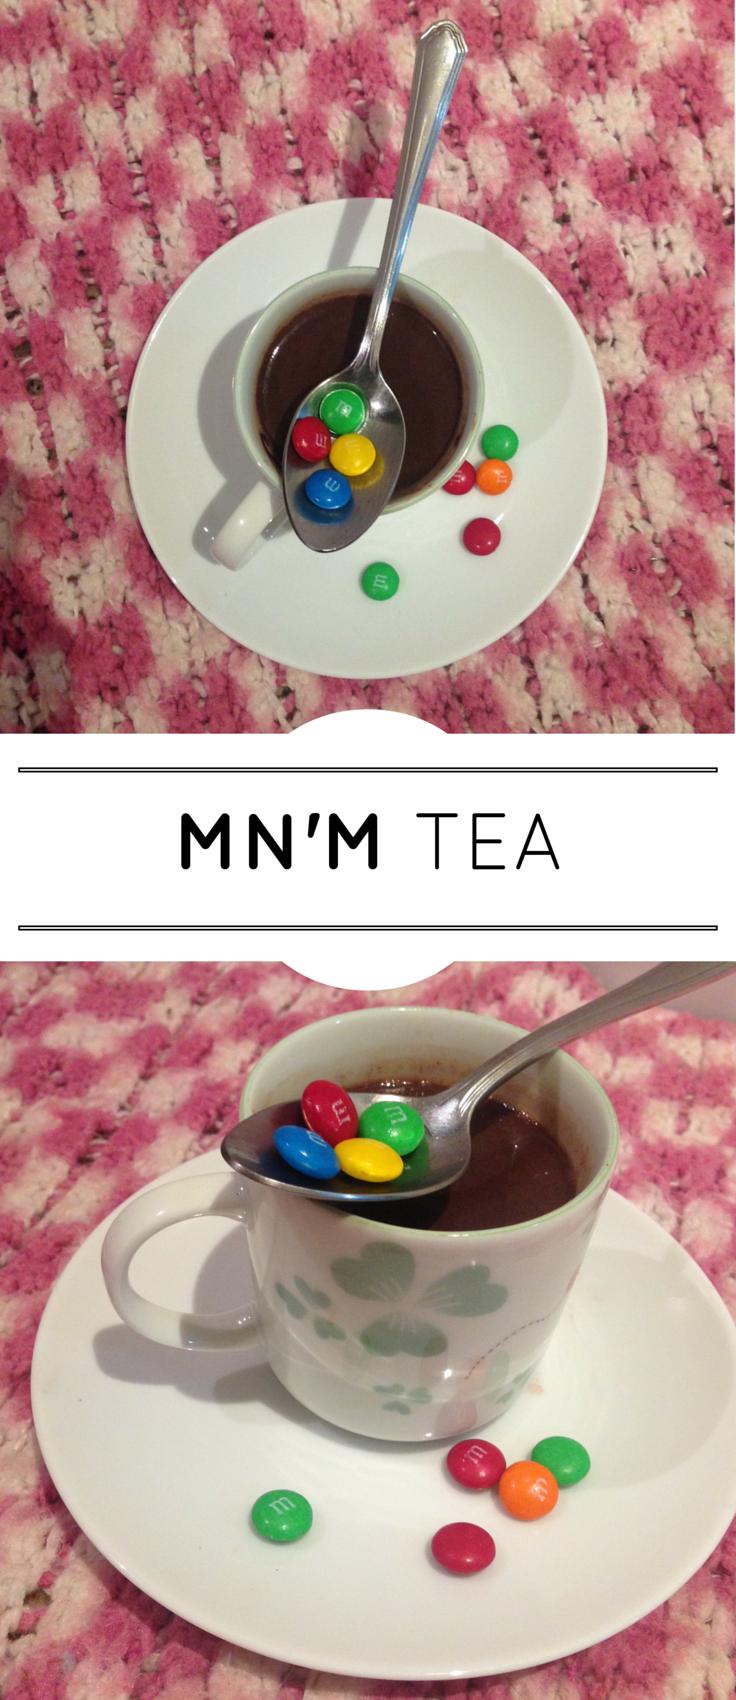 MN'M TEA